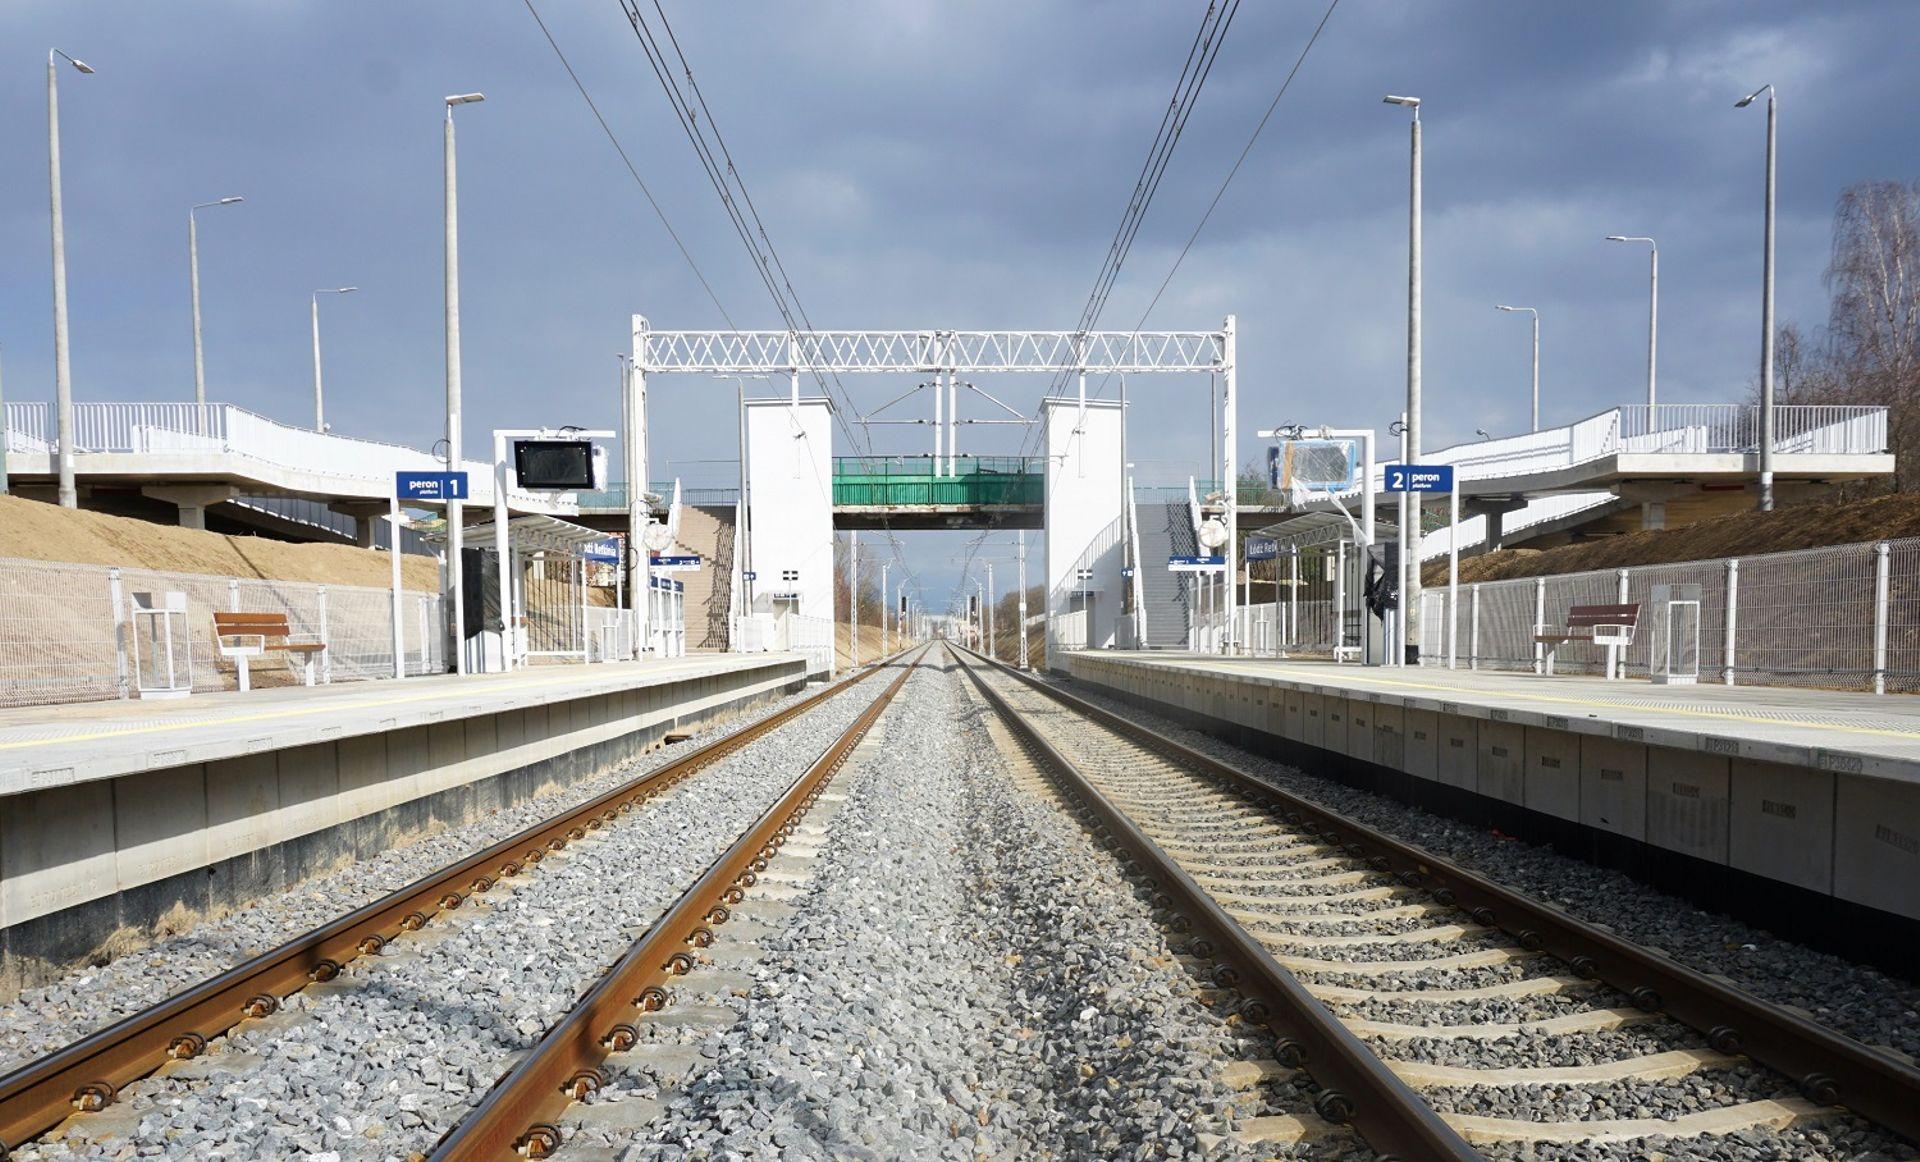 Nowe przystanki Łódź Radogoszcz Wschód i Łódź Andrzejów Szosa ułatwią podróże koleją w aglomeracji łódzkiej